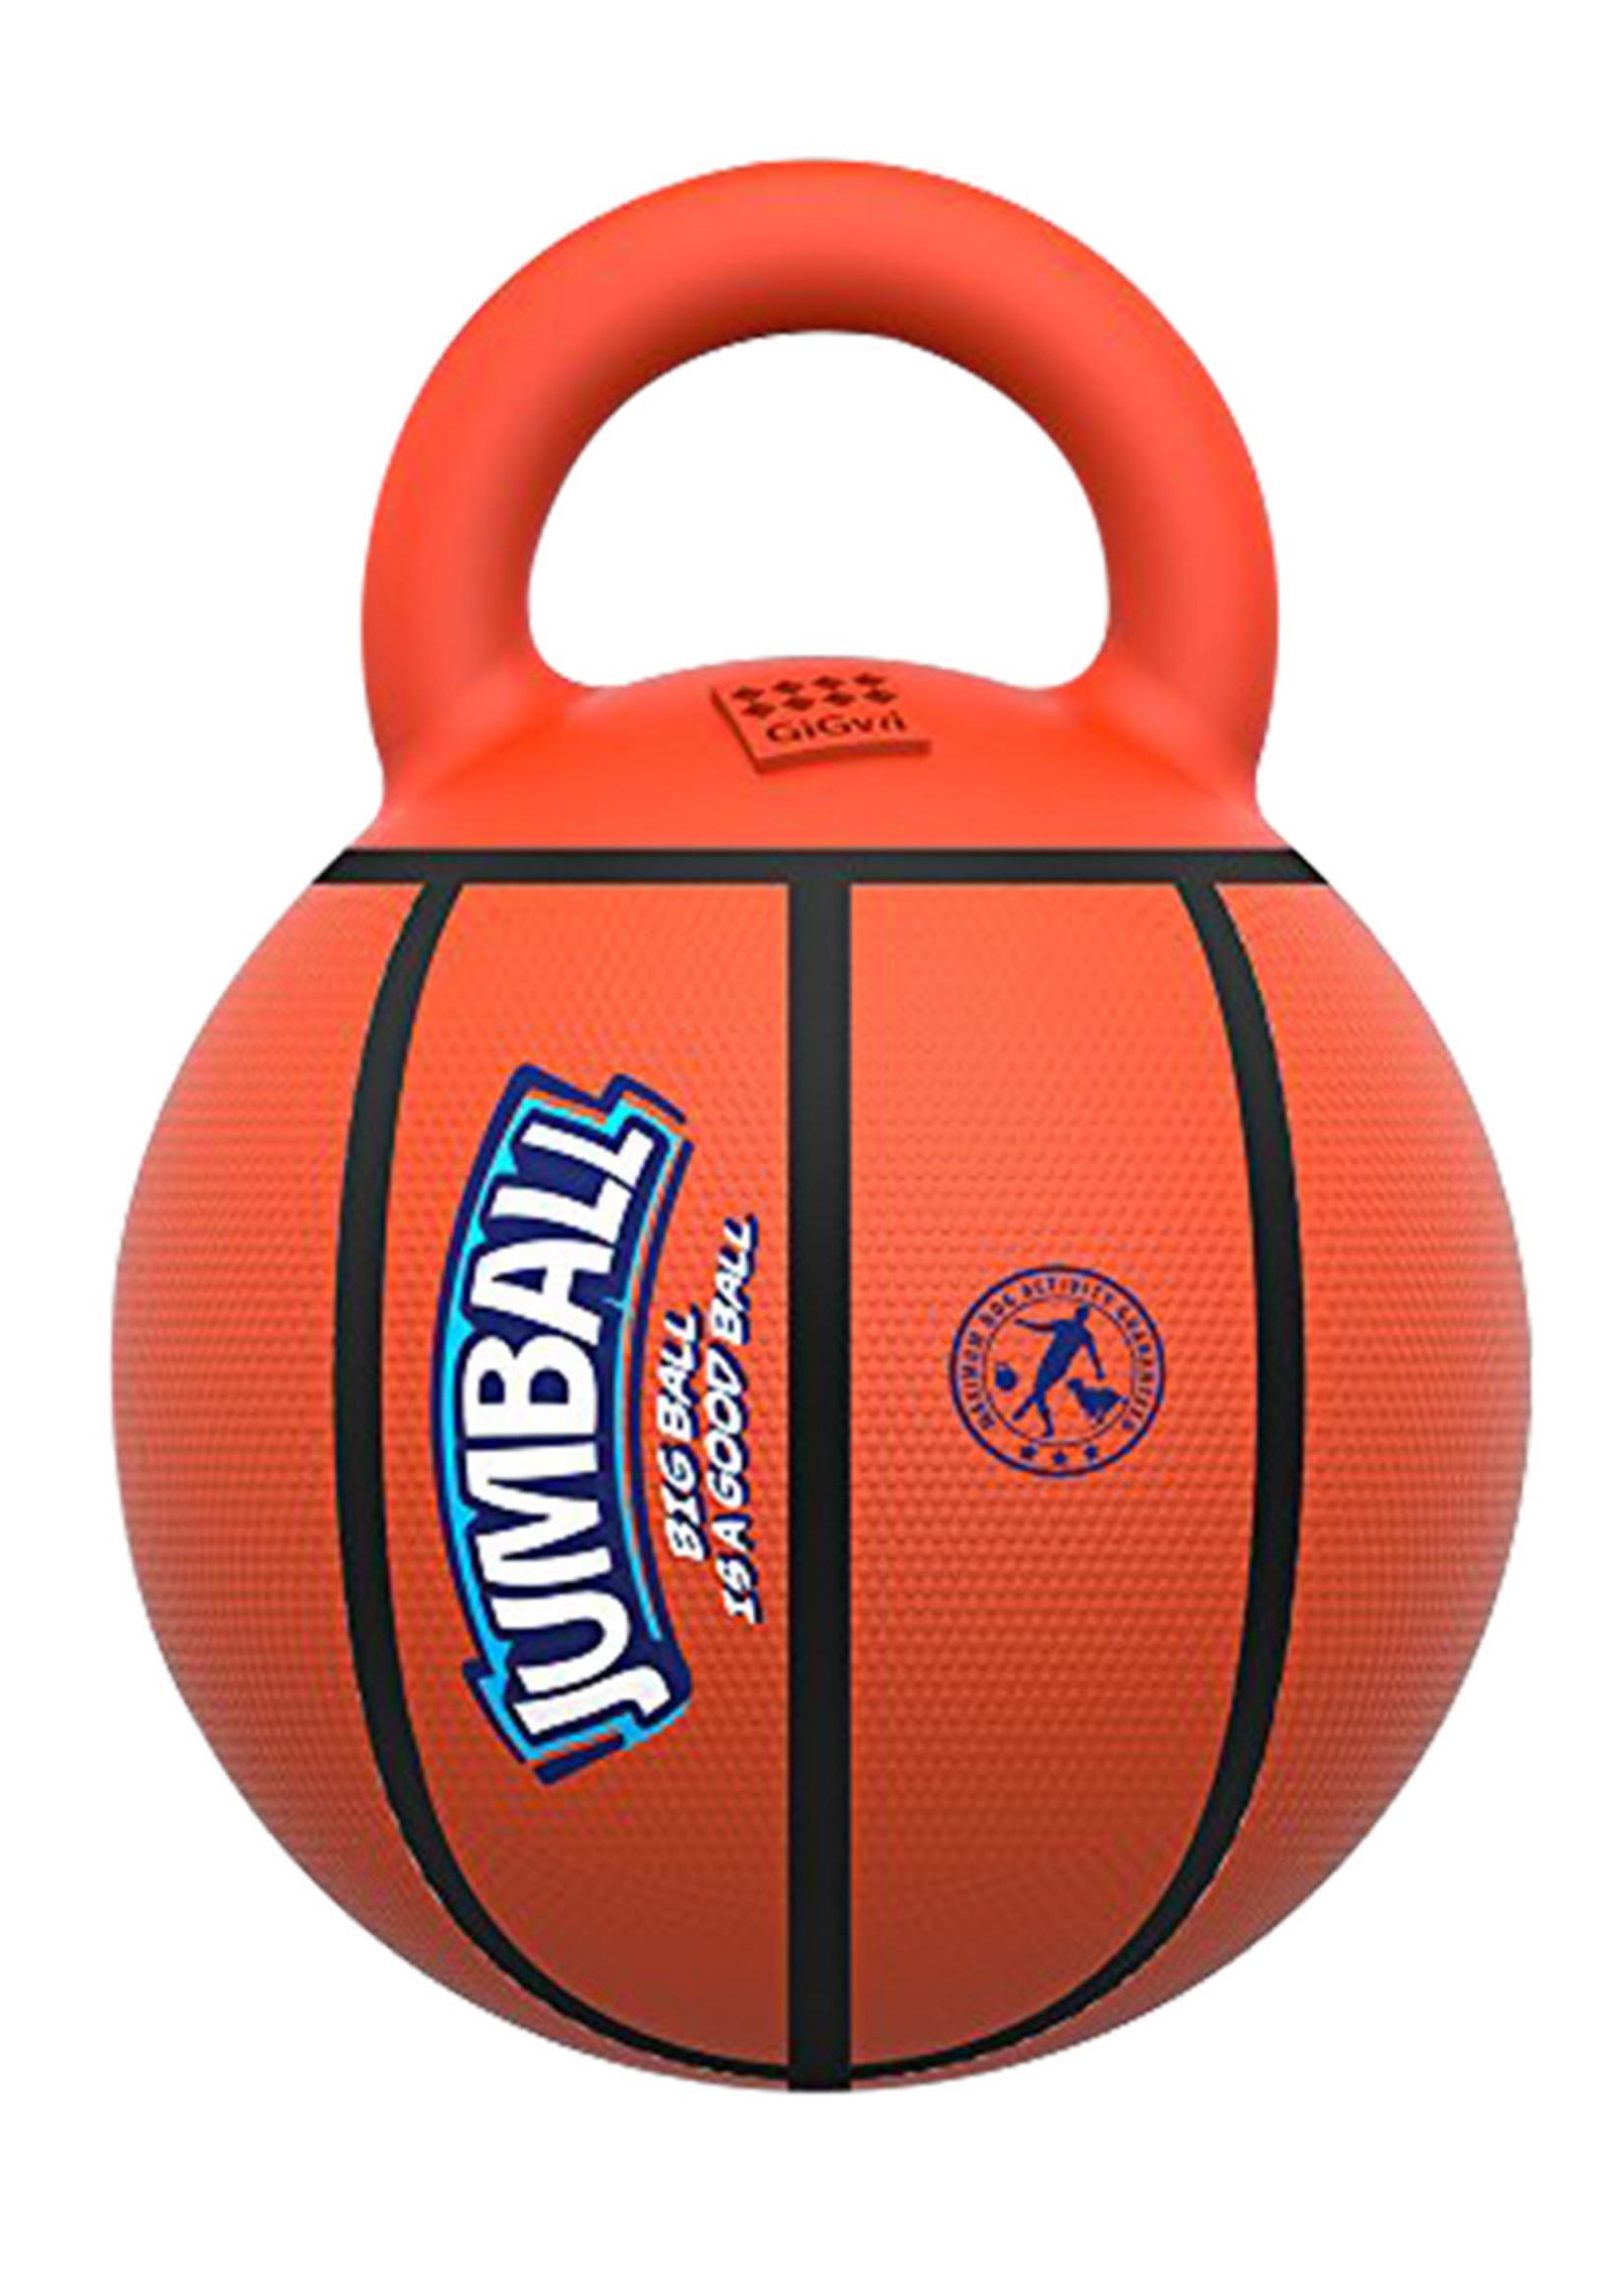 GiGwi GiGwi Jumball Basketball Small Multi-Color